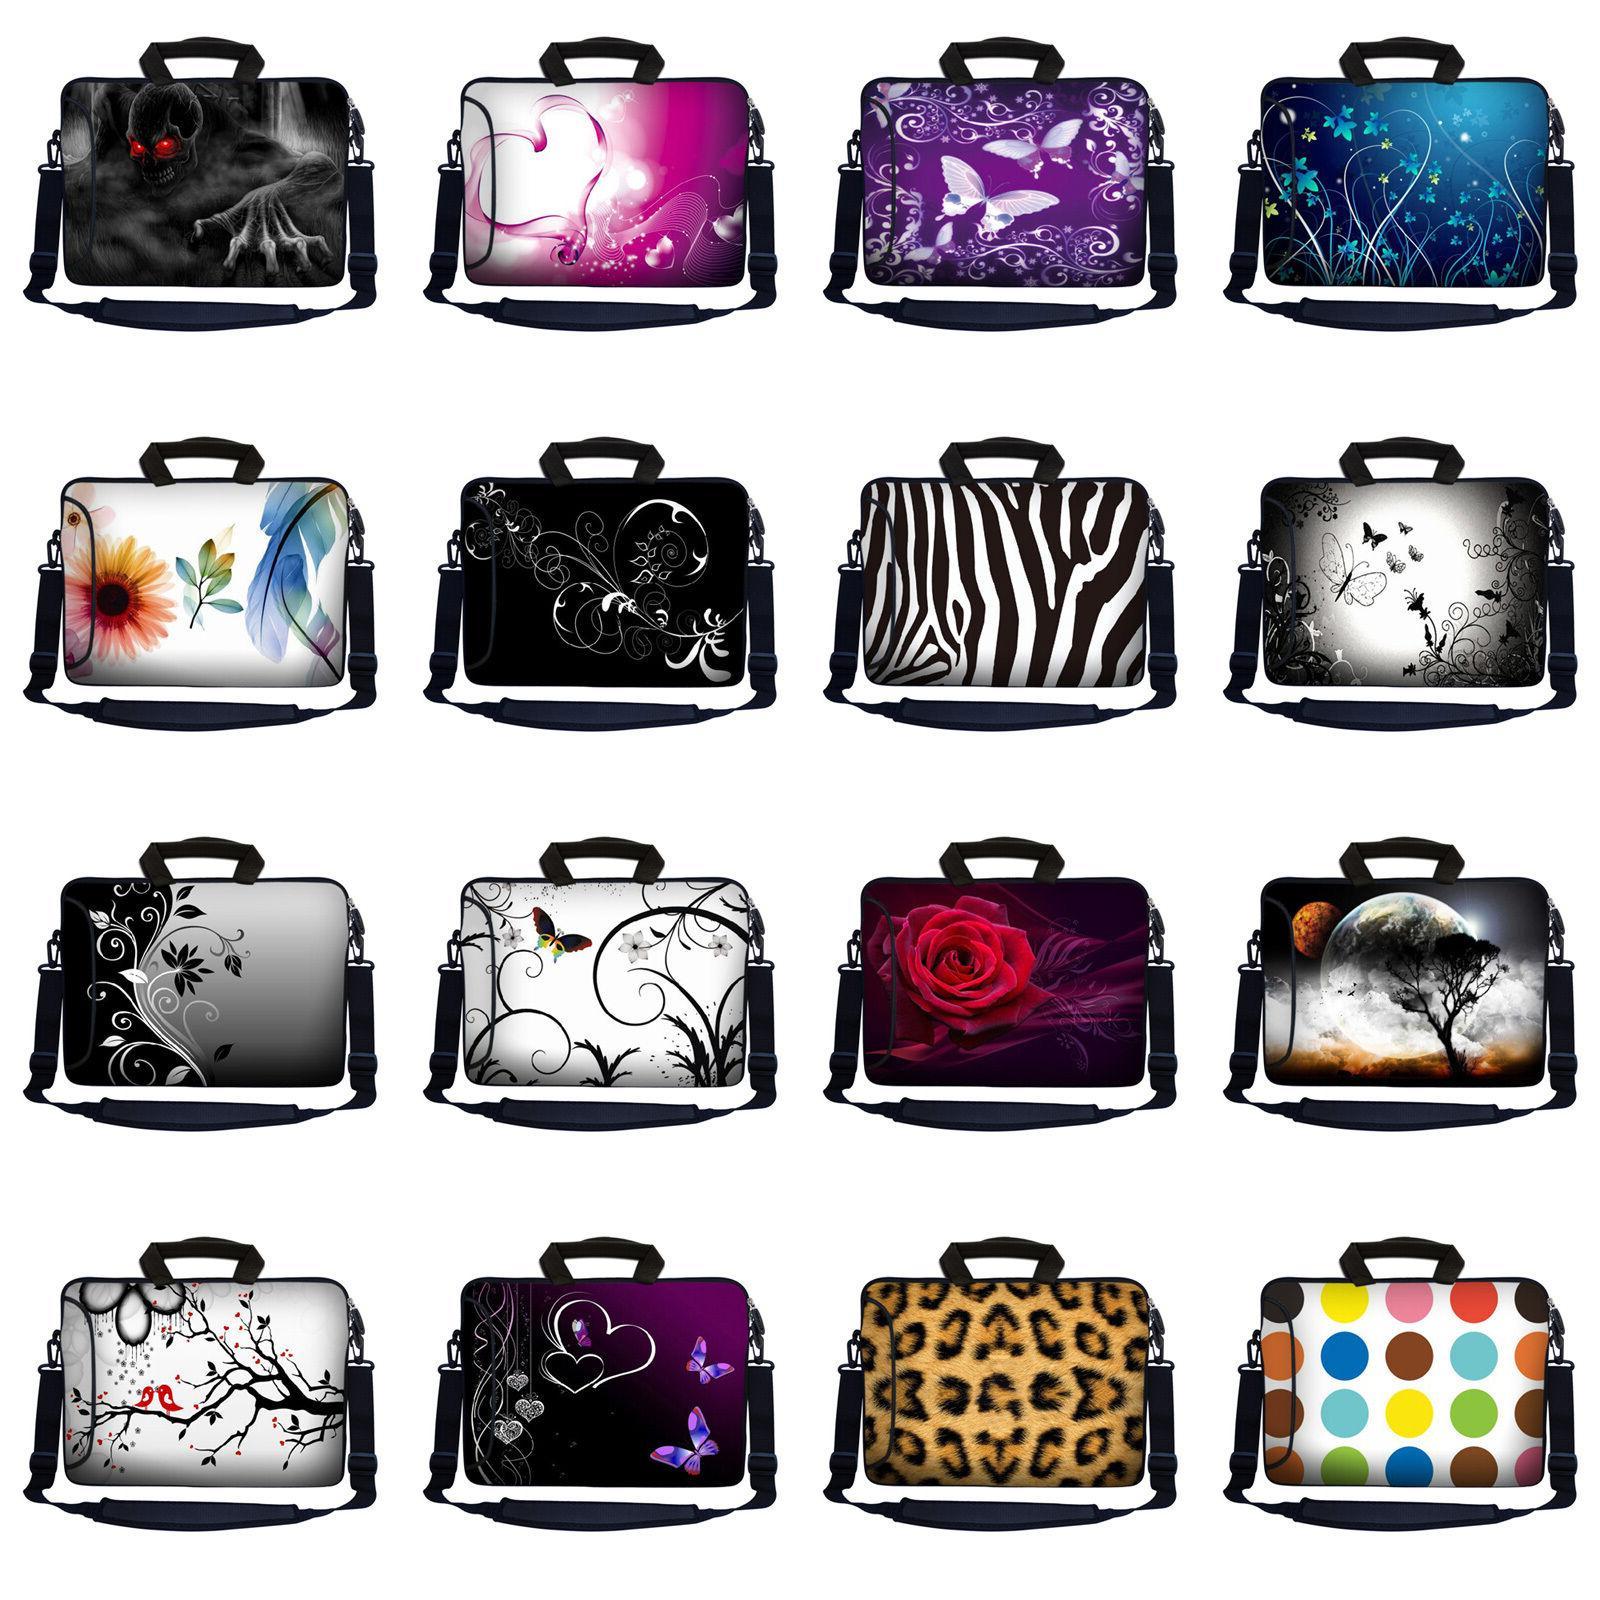 Laptop Notebook Case Computer Bag Pocket Strap